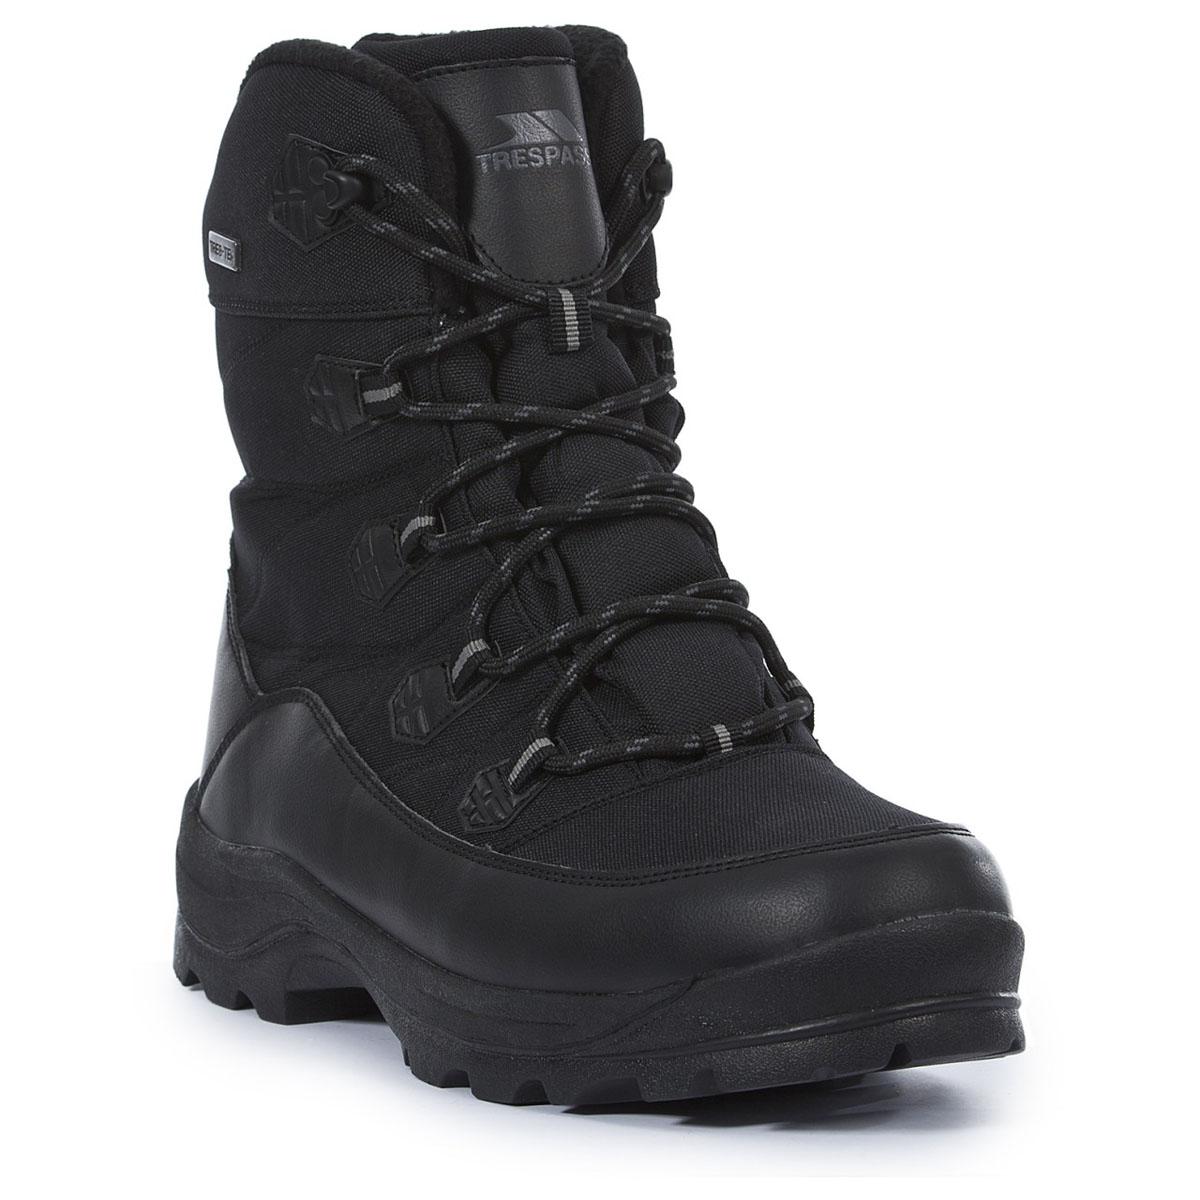 Ботинки трекинговые мужские Trespass Zotos, цвет: черный. MAFOBOK20001. Размер 45MAFOBOK20001Современные, технологичные, трекинговые ботинки Zotos от Trespass выполнены из водонепроницаемого материала. Специальное покрытие эффективно обеспечивает сухость и комфорт вашим ногам. Подкладка из флиса и стелька из текстиля согреют ваши ноги. Шнуровка надежно зафиксирует модель на ноге. Подошва дополнена рифлением. Ботинки прекрасно подойдут для пеших походов по пересеченной местности.